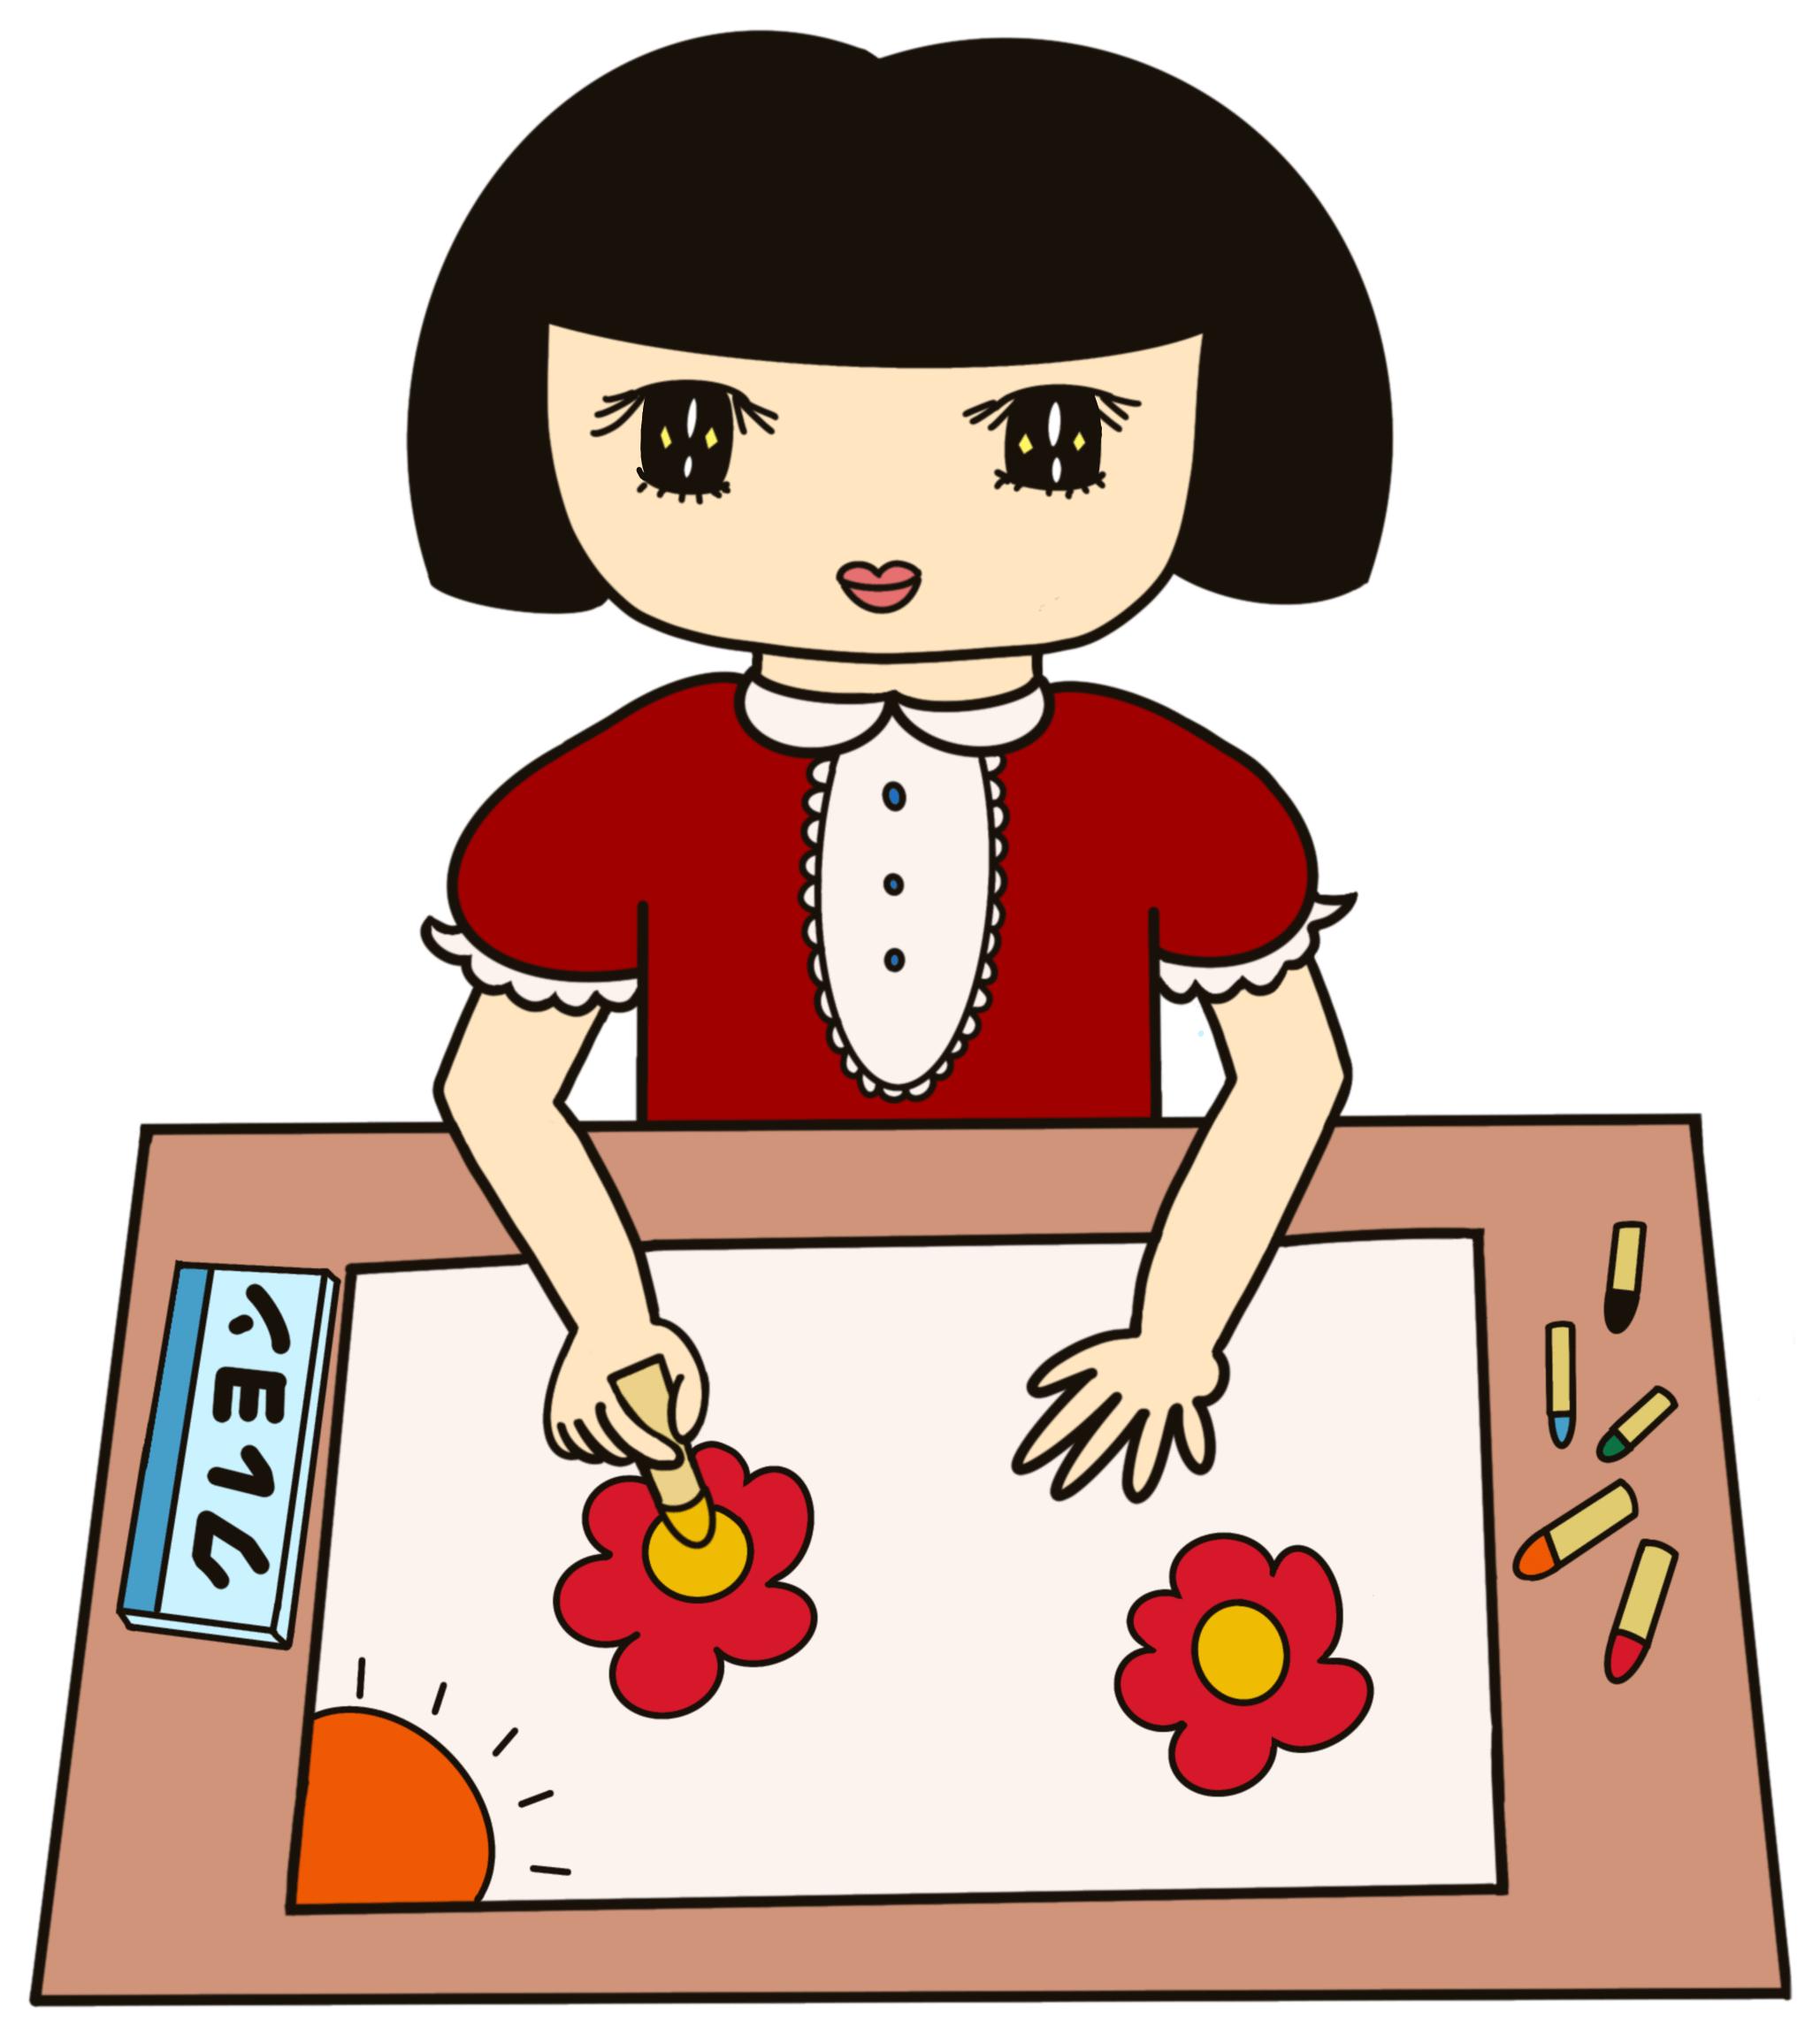 無料ぬりえプリント「絵を描く女の子」(完成一例)